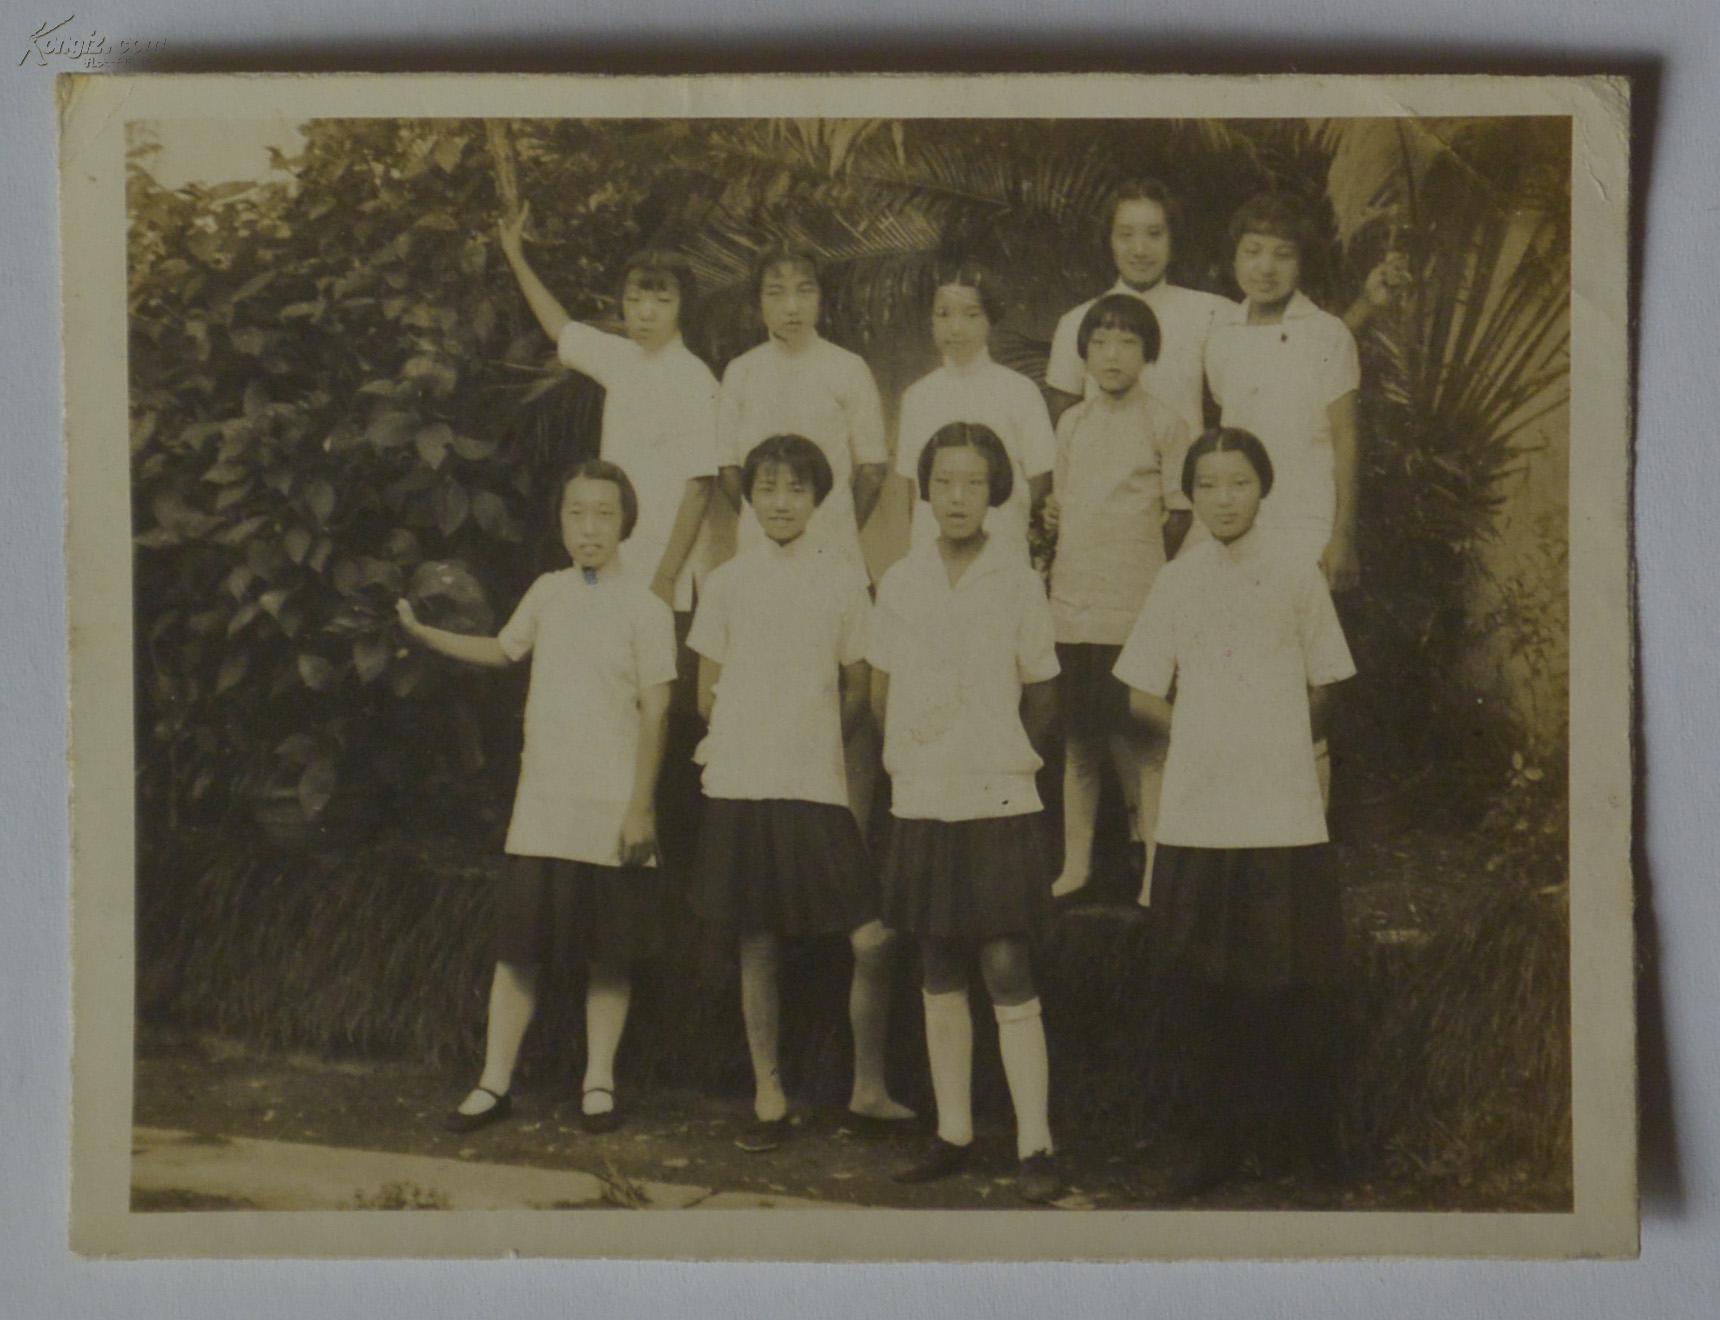 【原照片】 民国时期,松阳县湘湖师范学校毕业女生叶姓同学与女同学们图片